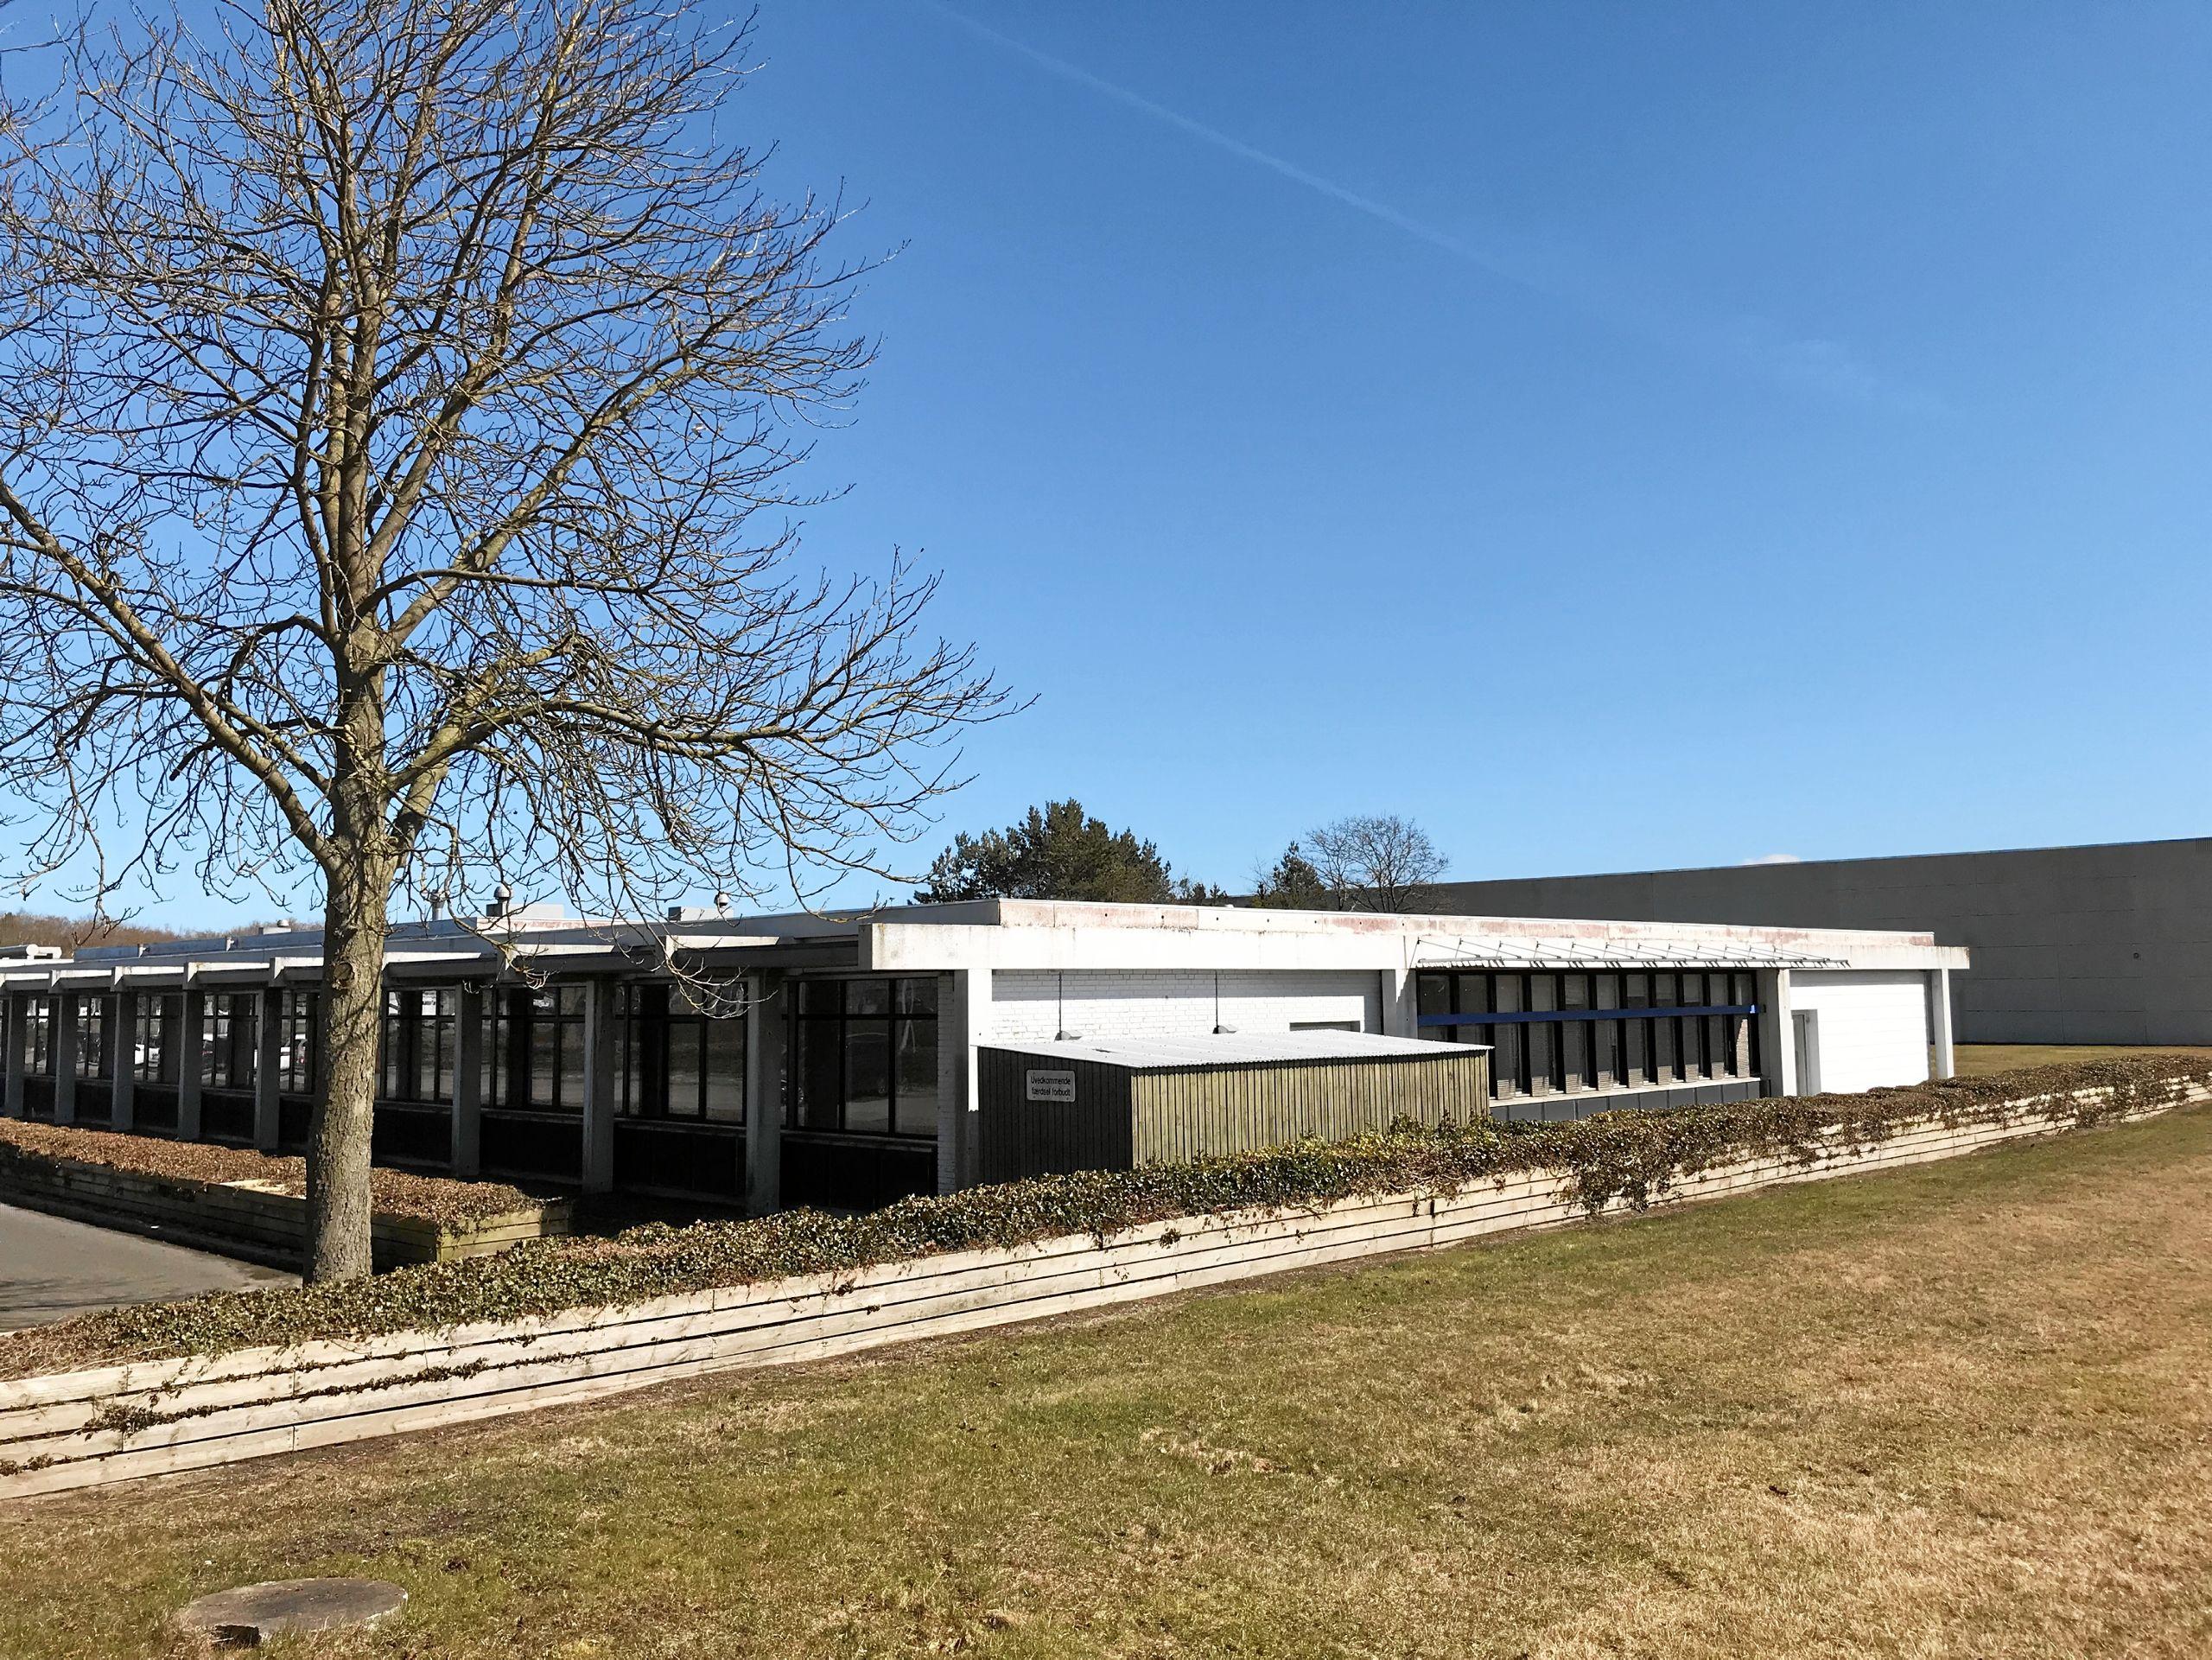 Det var her i Coops bygninger på Hobrovej 461 i Skalborg, at støtteforeningen for Victoriaskolen havde drømt om at kunne etablere den ny privatskole. Arkivfoto: Torben O. Andersen